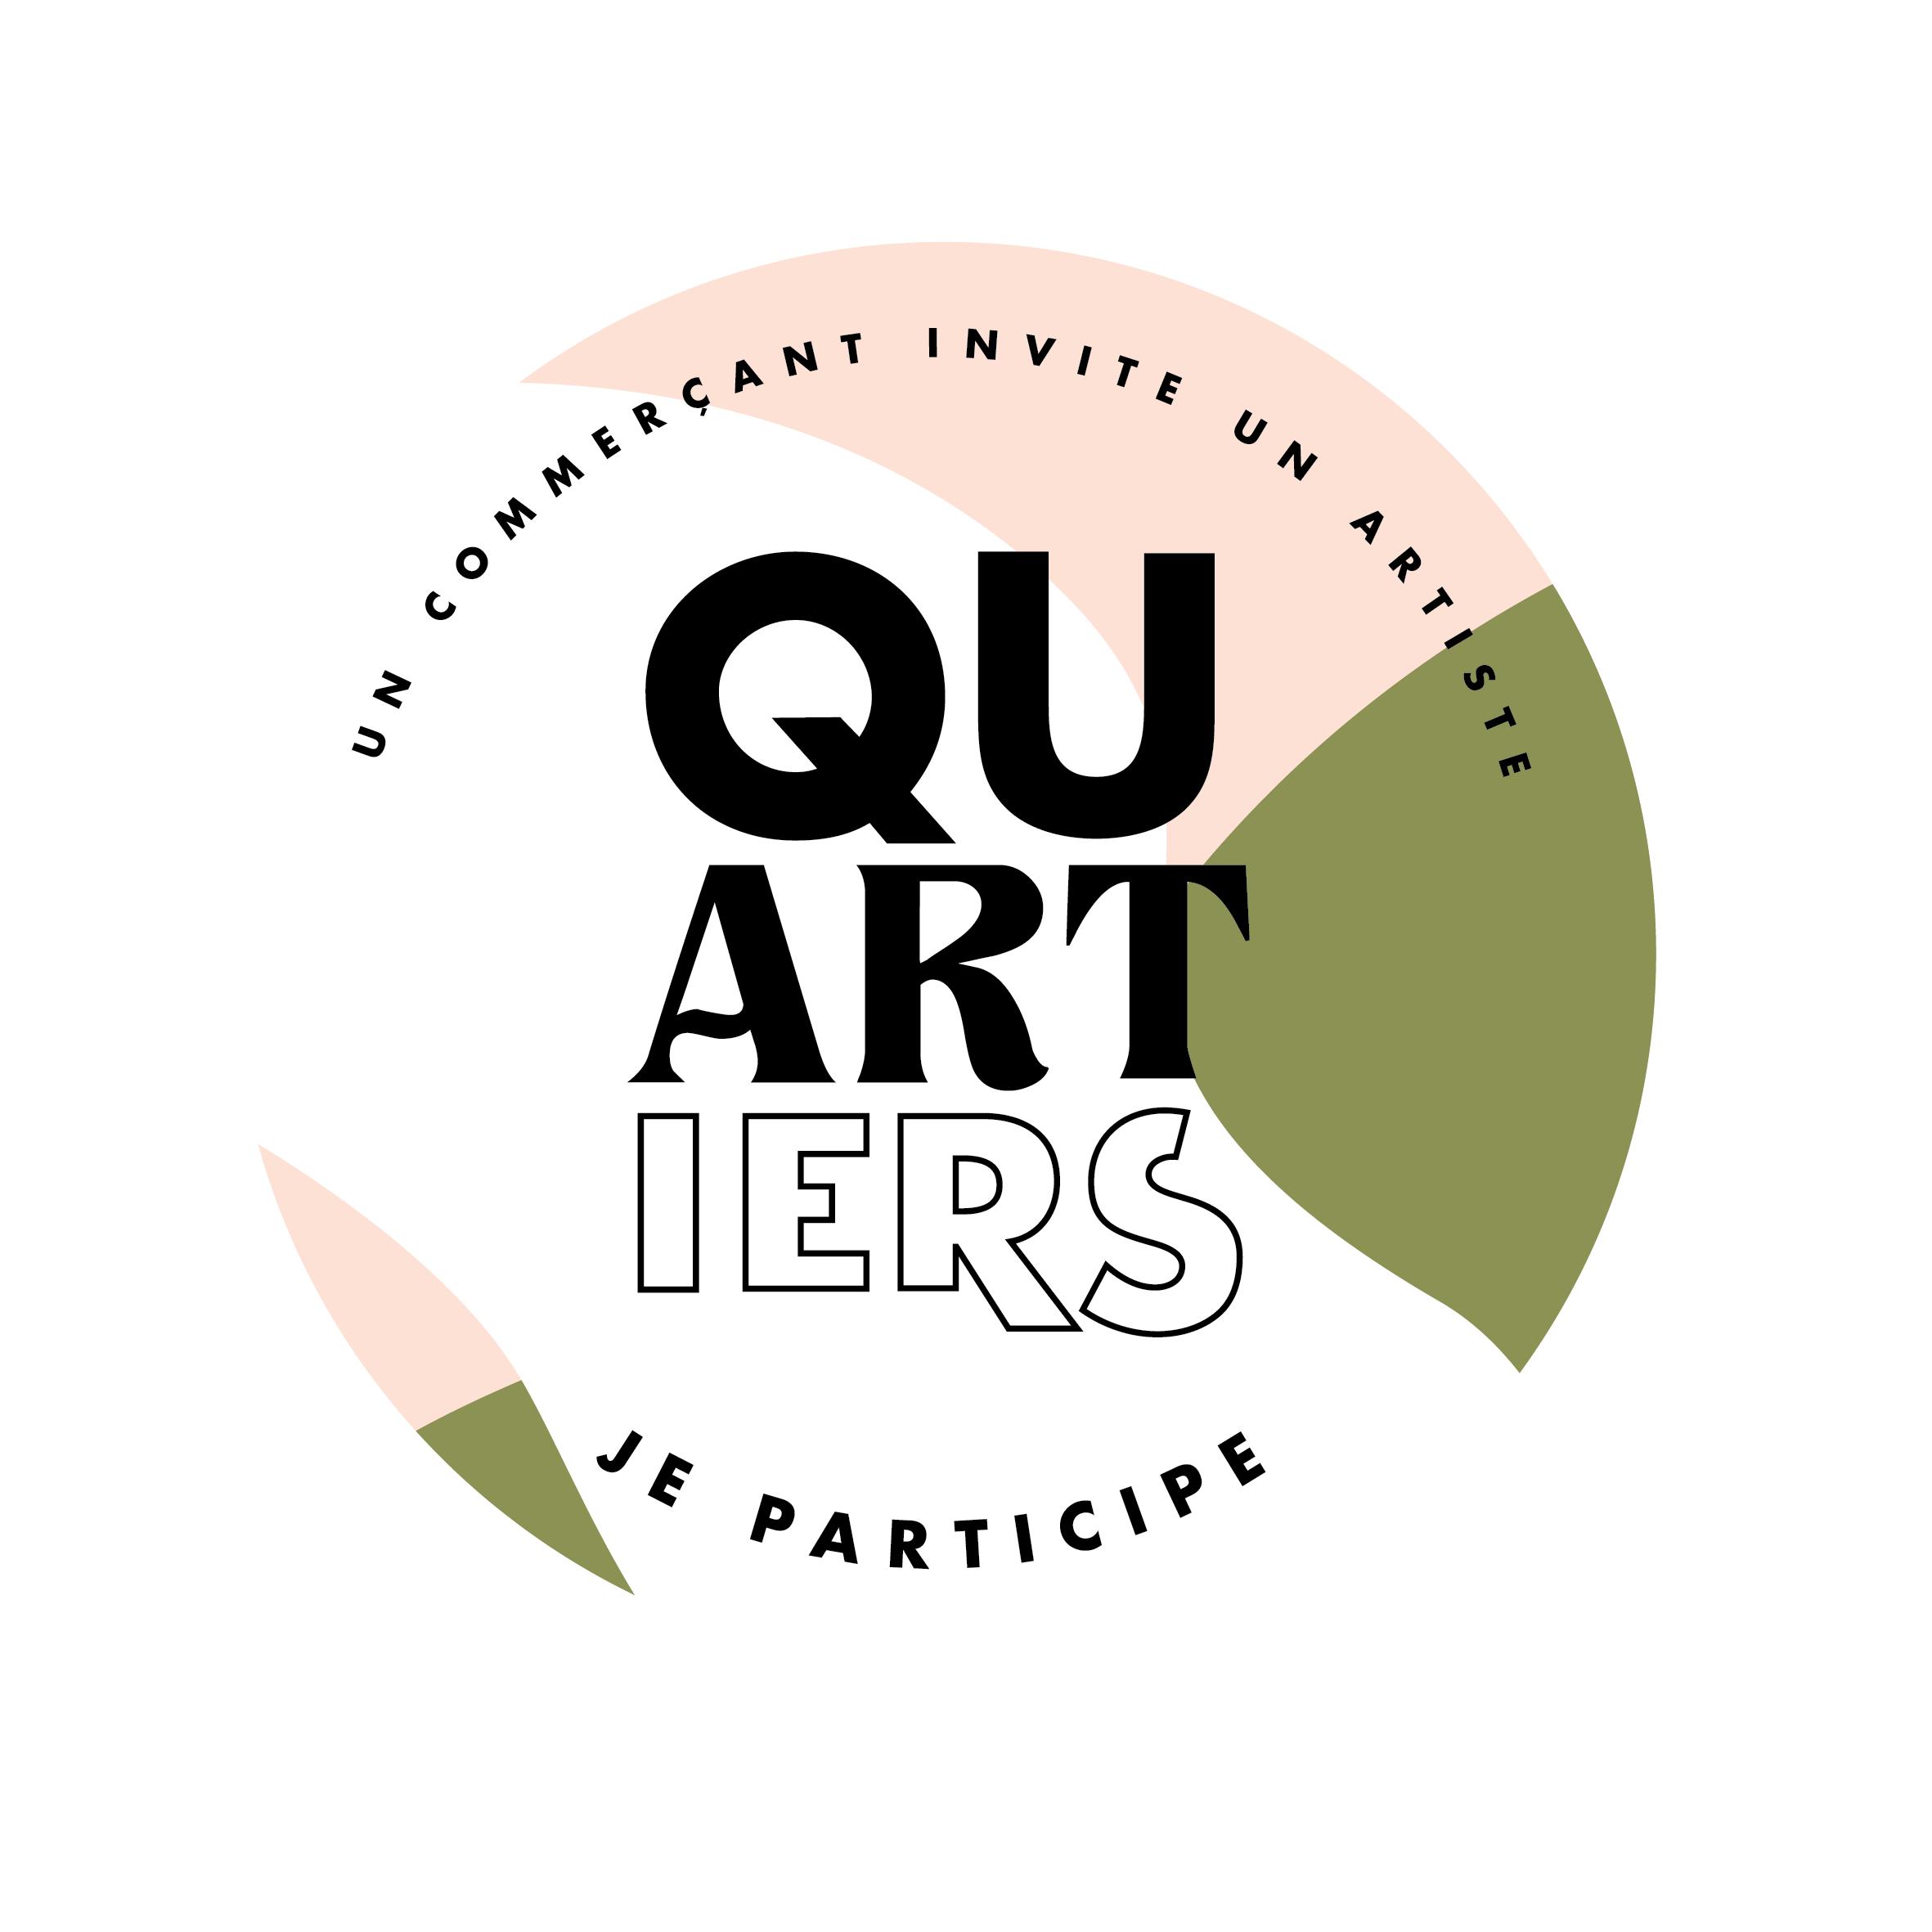 ronde des quartiers bordeaux je participe à l'évenement un commercant invite un artiste 2020 pigmentropie